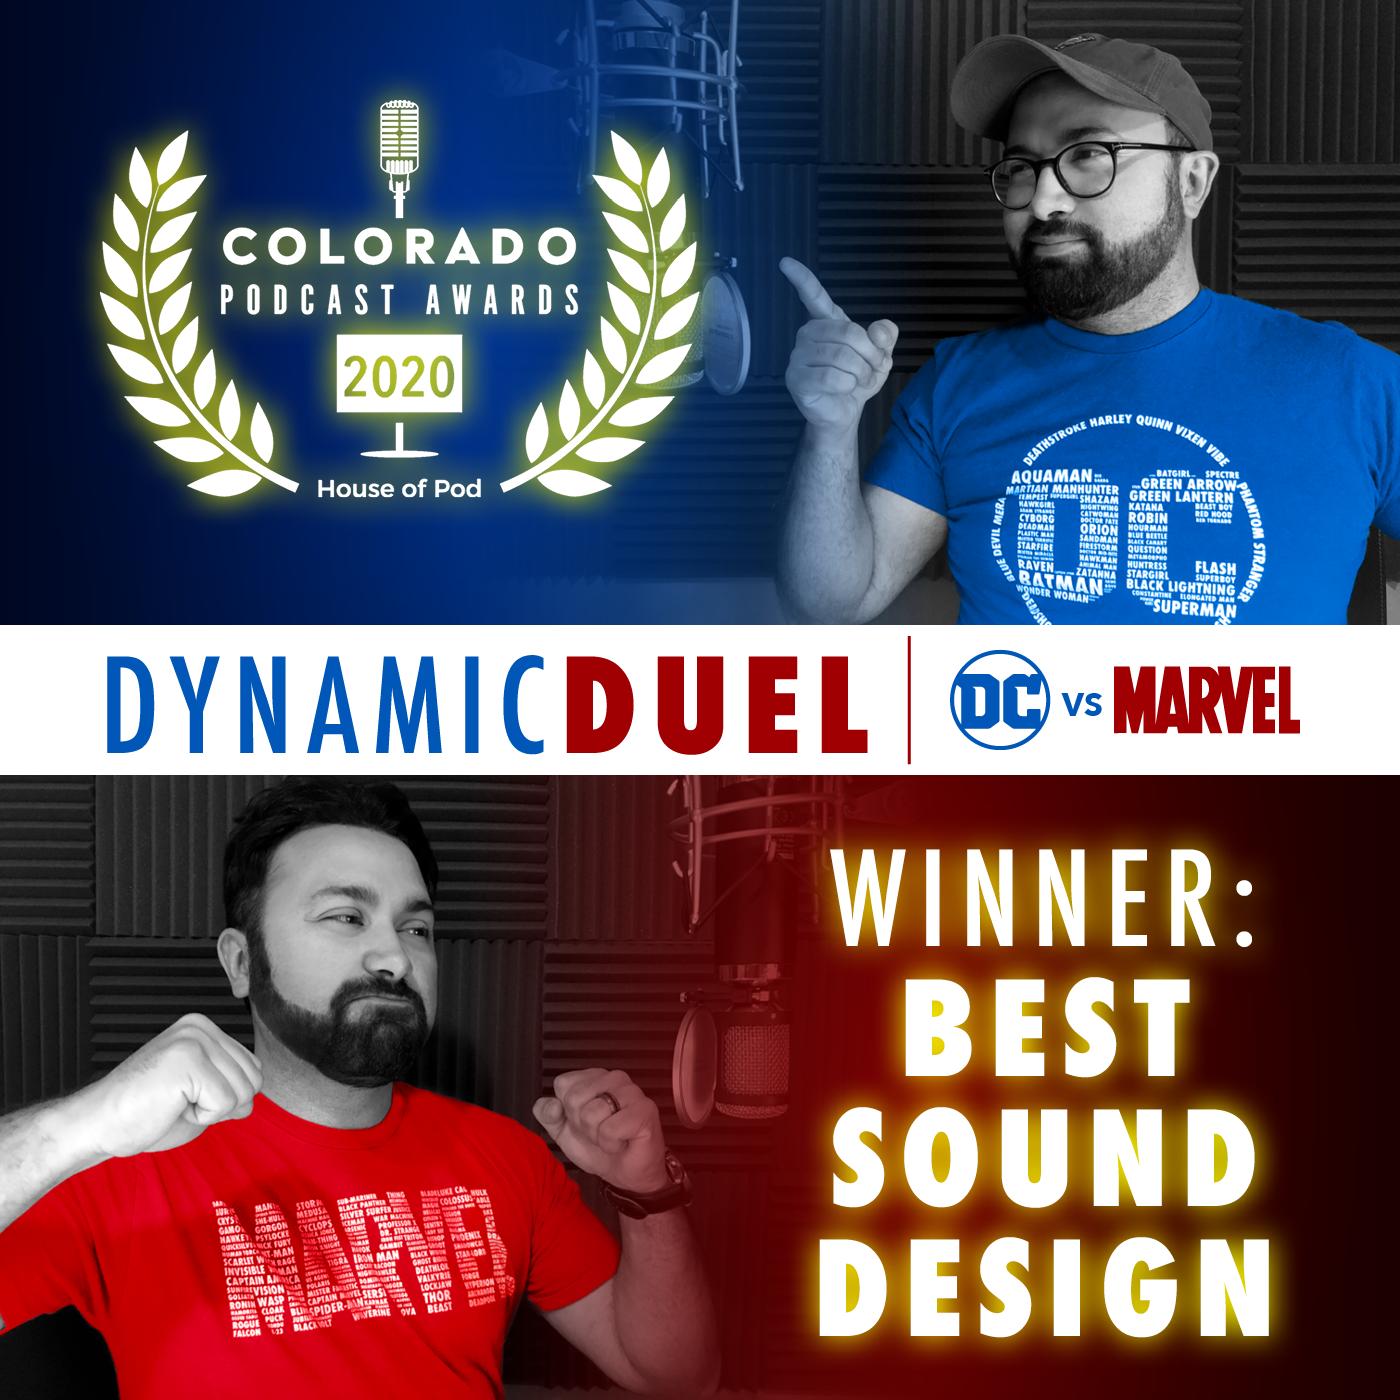 Winner of Best Sound Design 2020